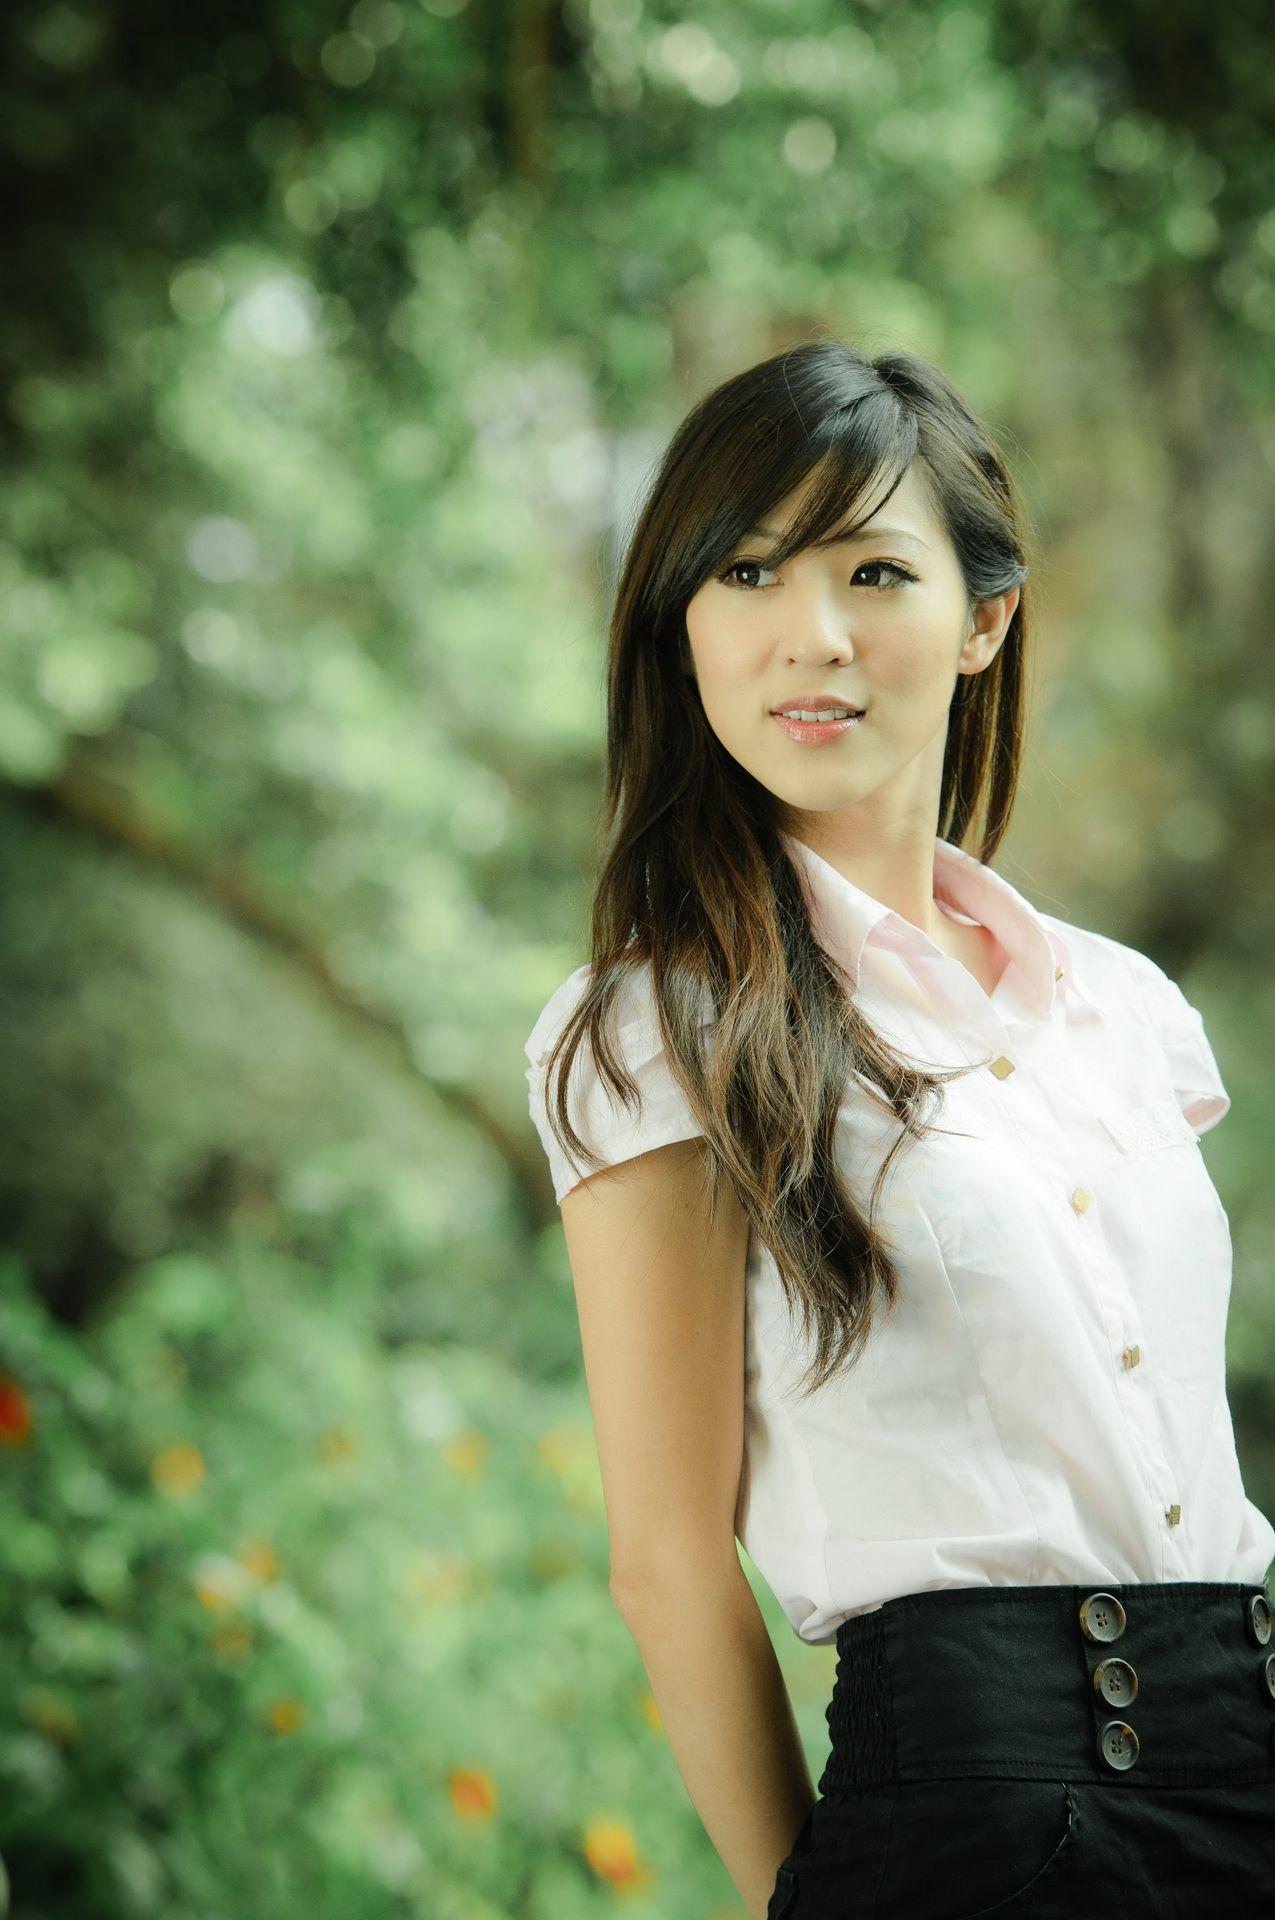 VOL.1279 [台湾正妹]气质女神御姐长发美女:韩雨洁(陈韦蓉,韋韋)高品质写真套图(26P)